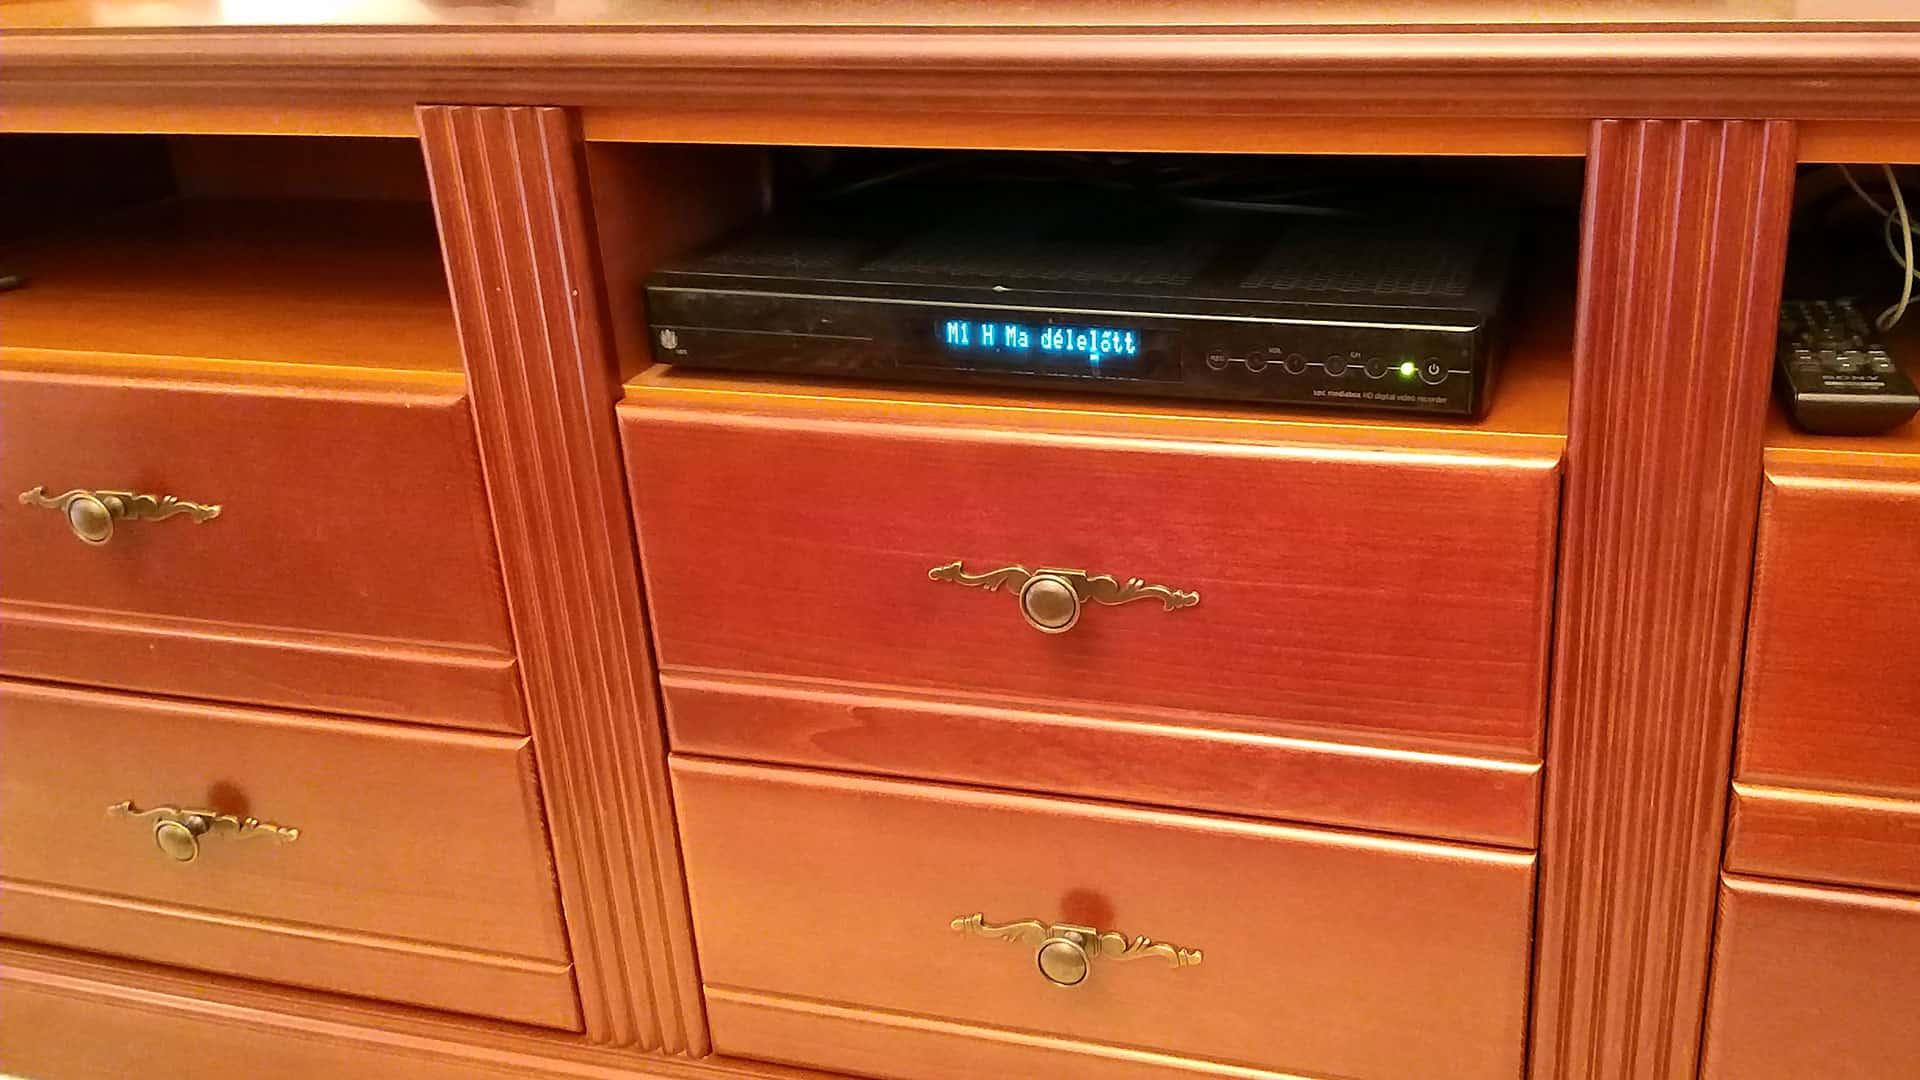 TV szekrény fiókja közeli kép